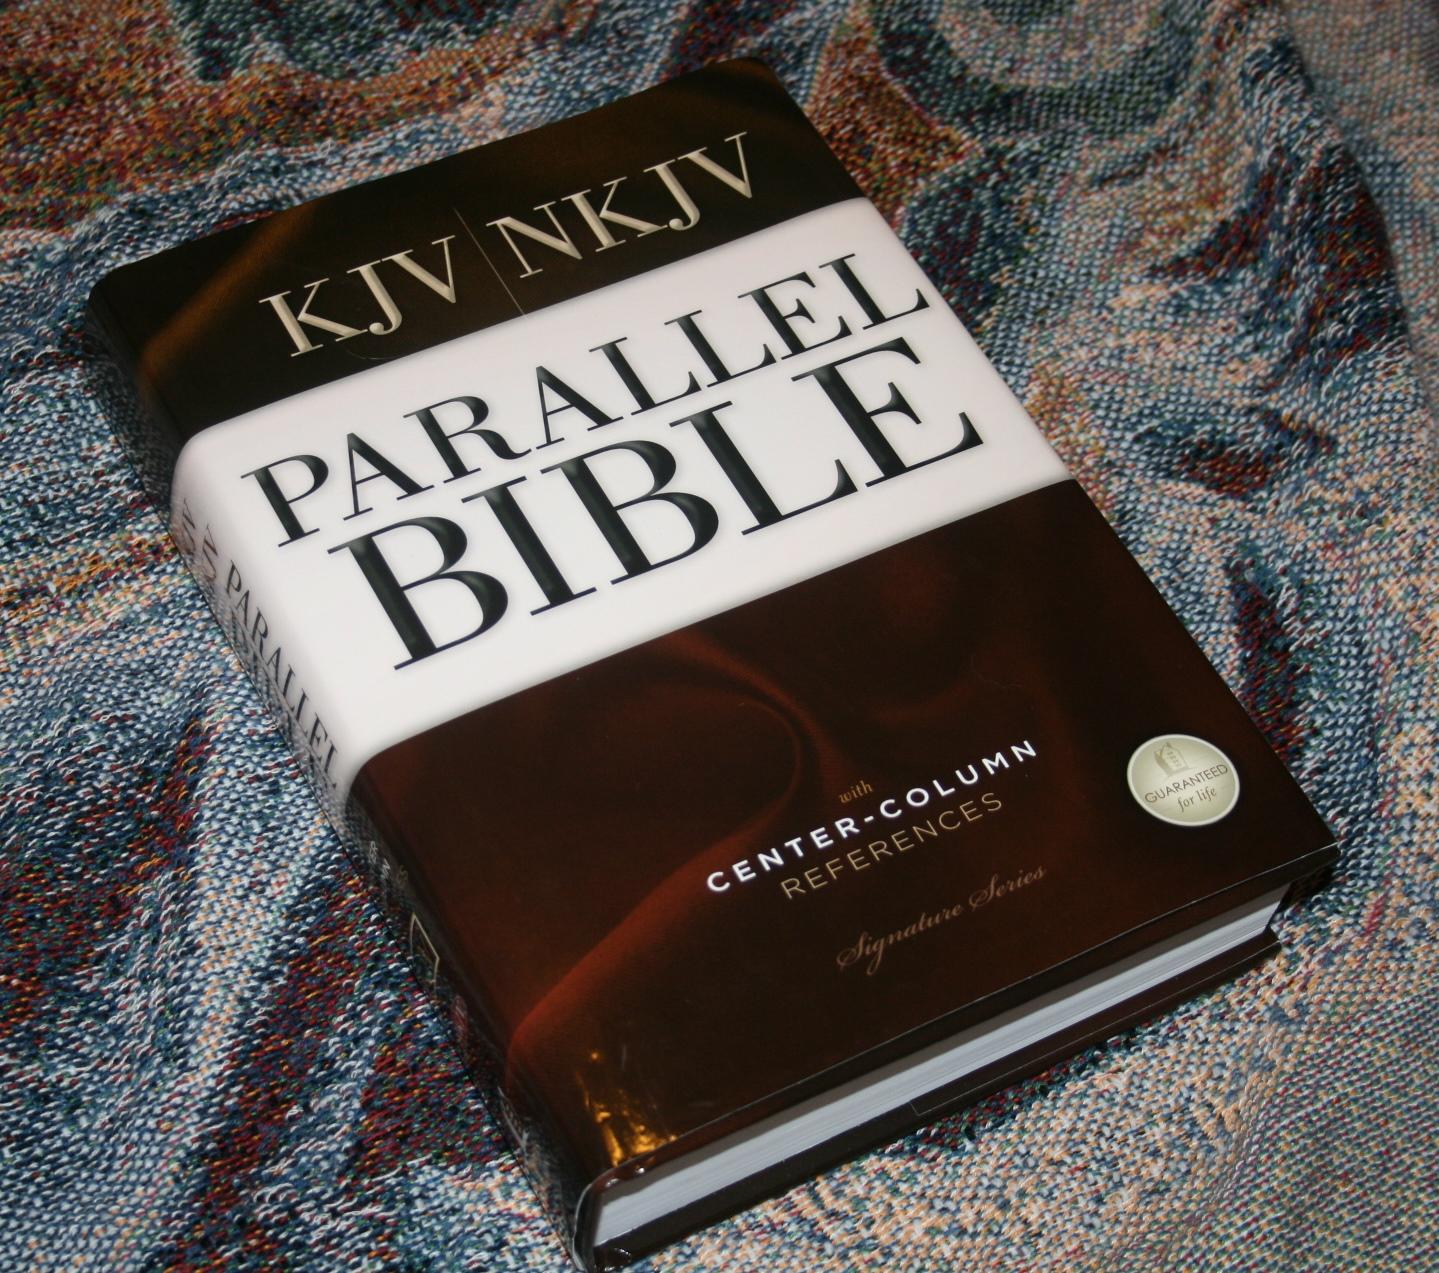 Thomas Nelson Kjv Nkjv Parallel Bible Review